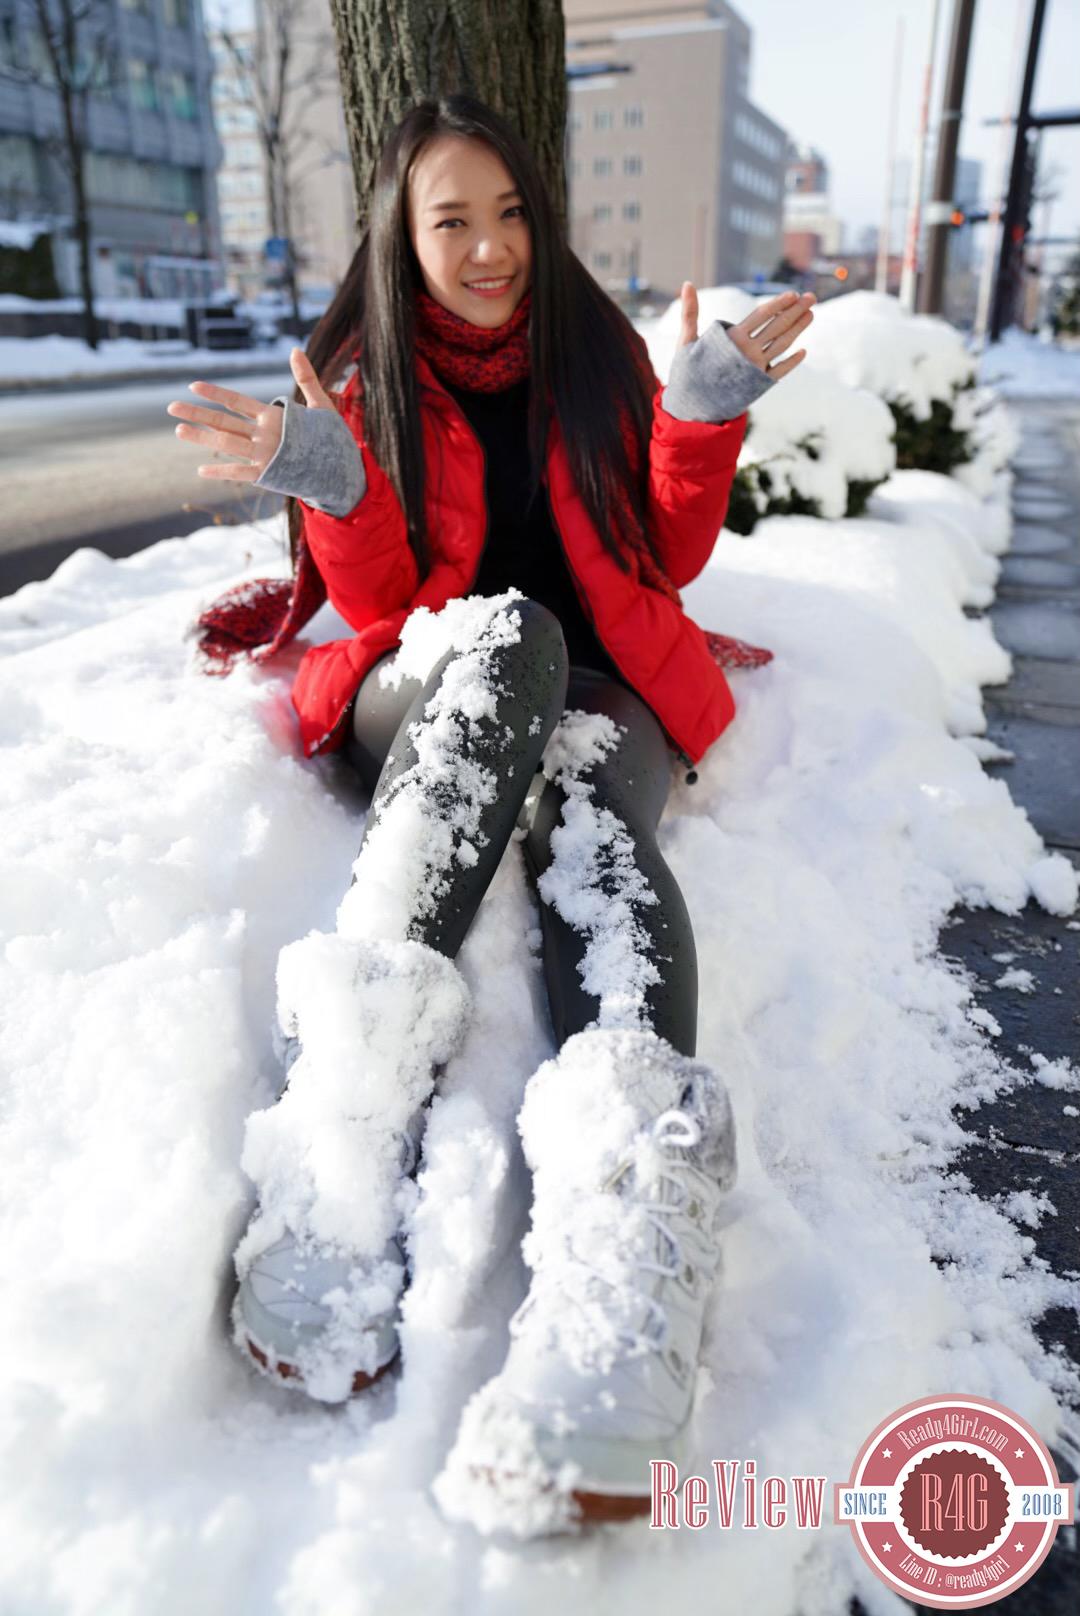 กางเกงหนังซับขนแคชเมียร์ กันหนาวติดลบลุยหิมะได้